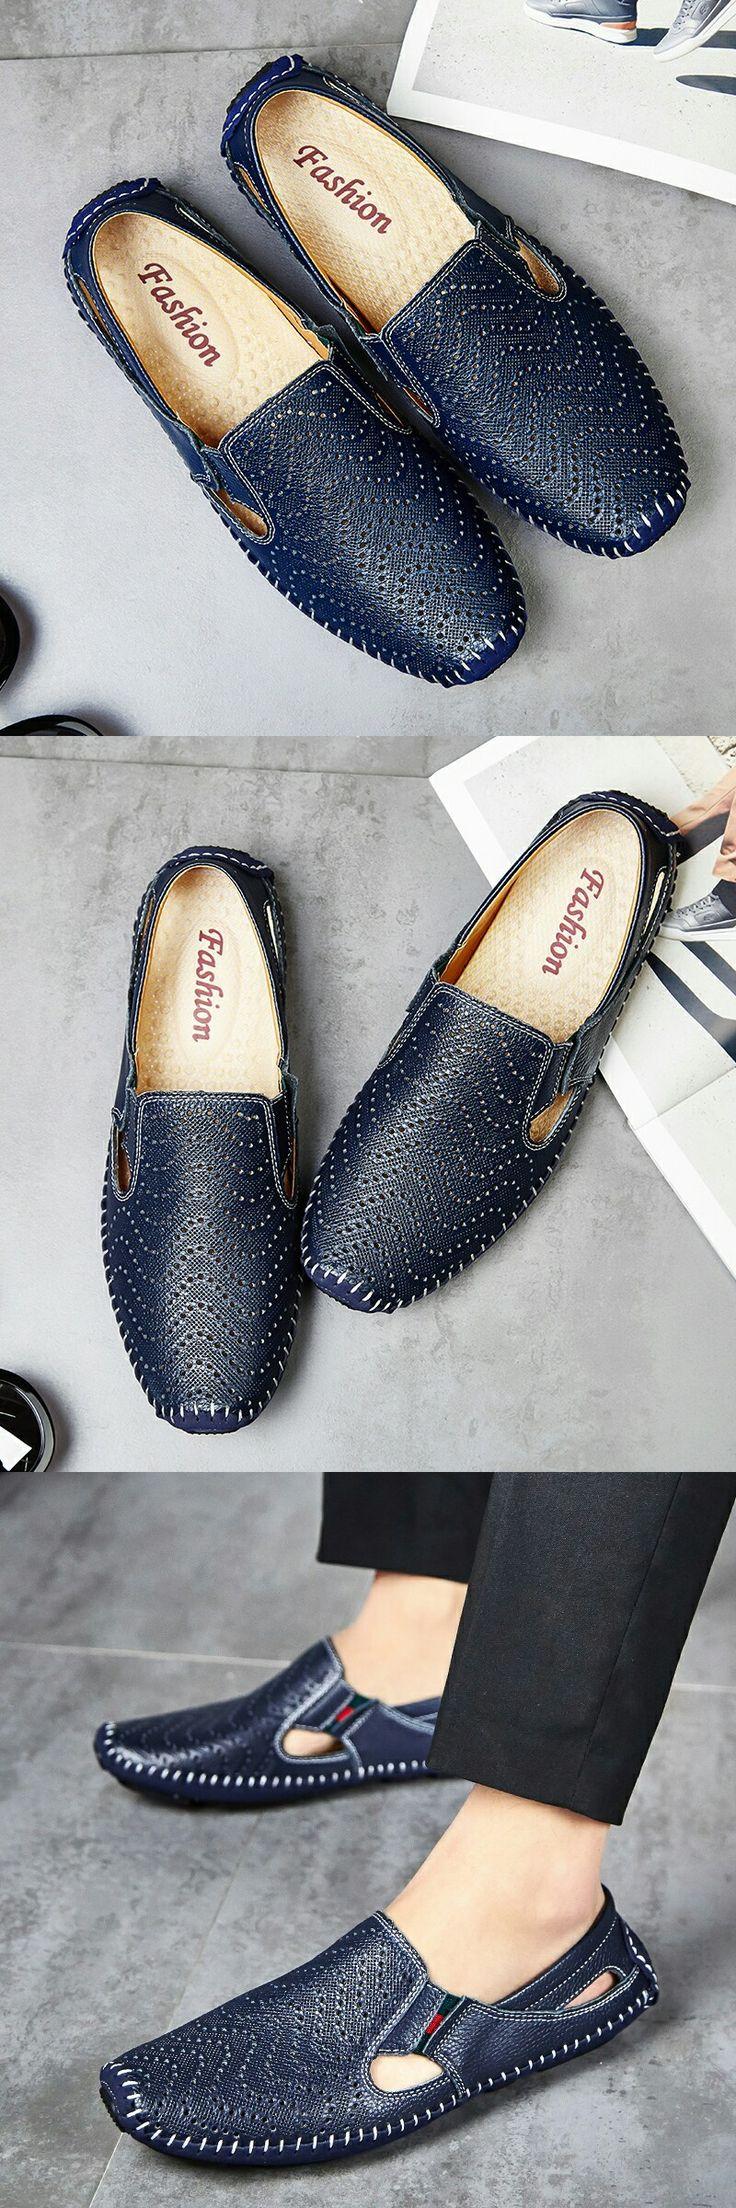 Большой Размер Мужчины Вождения Обувь Из Натуральной Кожи Хорошего Качества Мягкие Мужчины мокасины Удобные Коричневый Желтый Синий Белый Плюс Размер 45 46 47